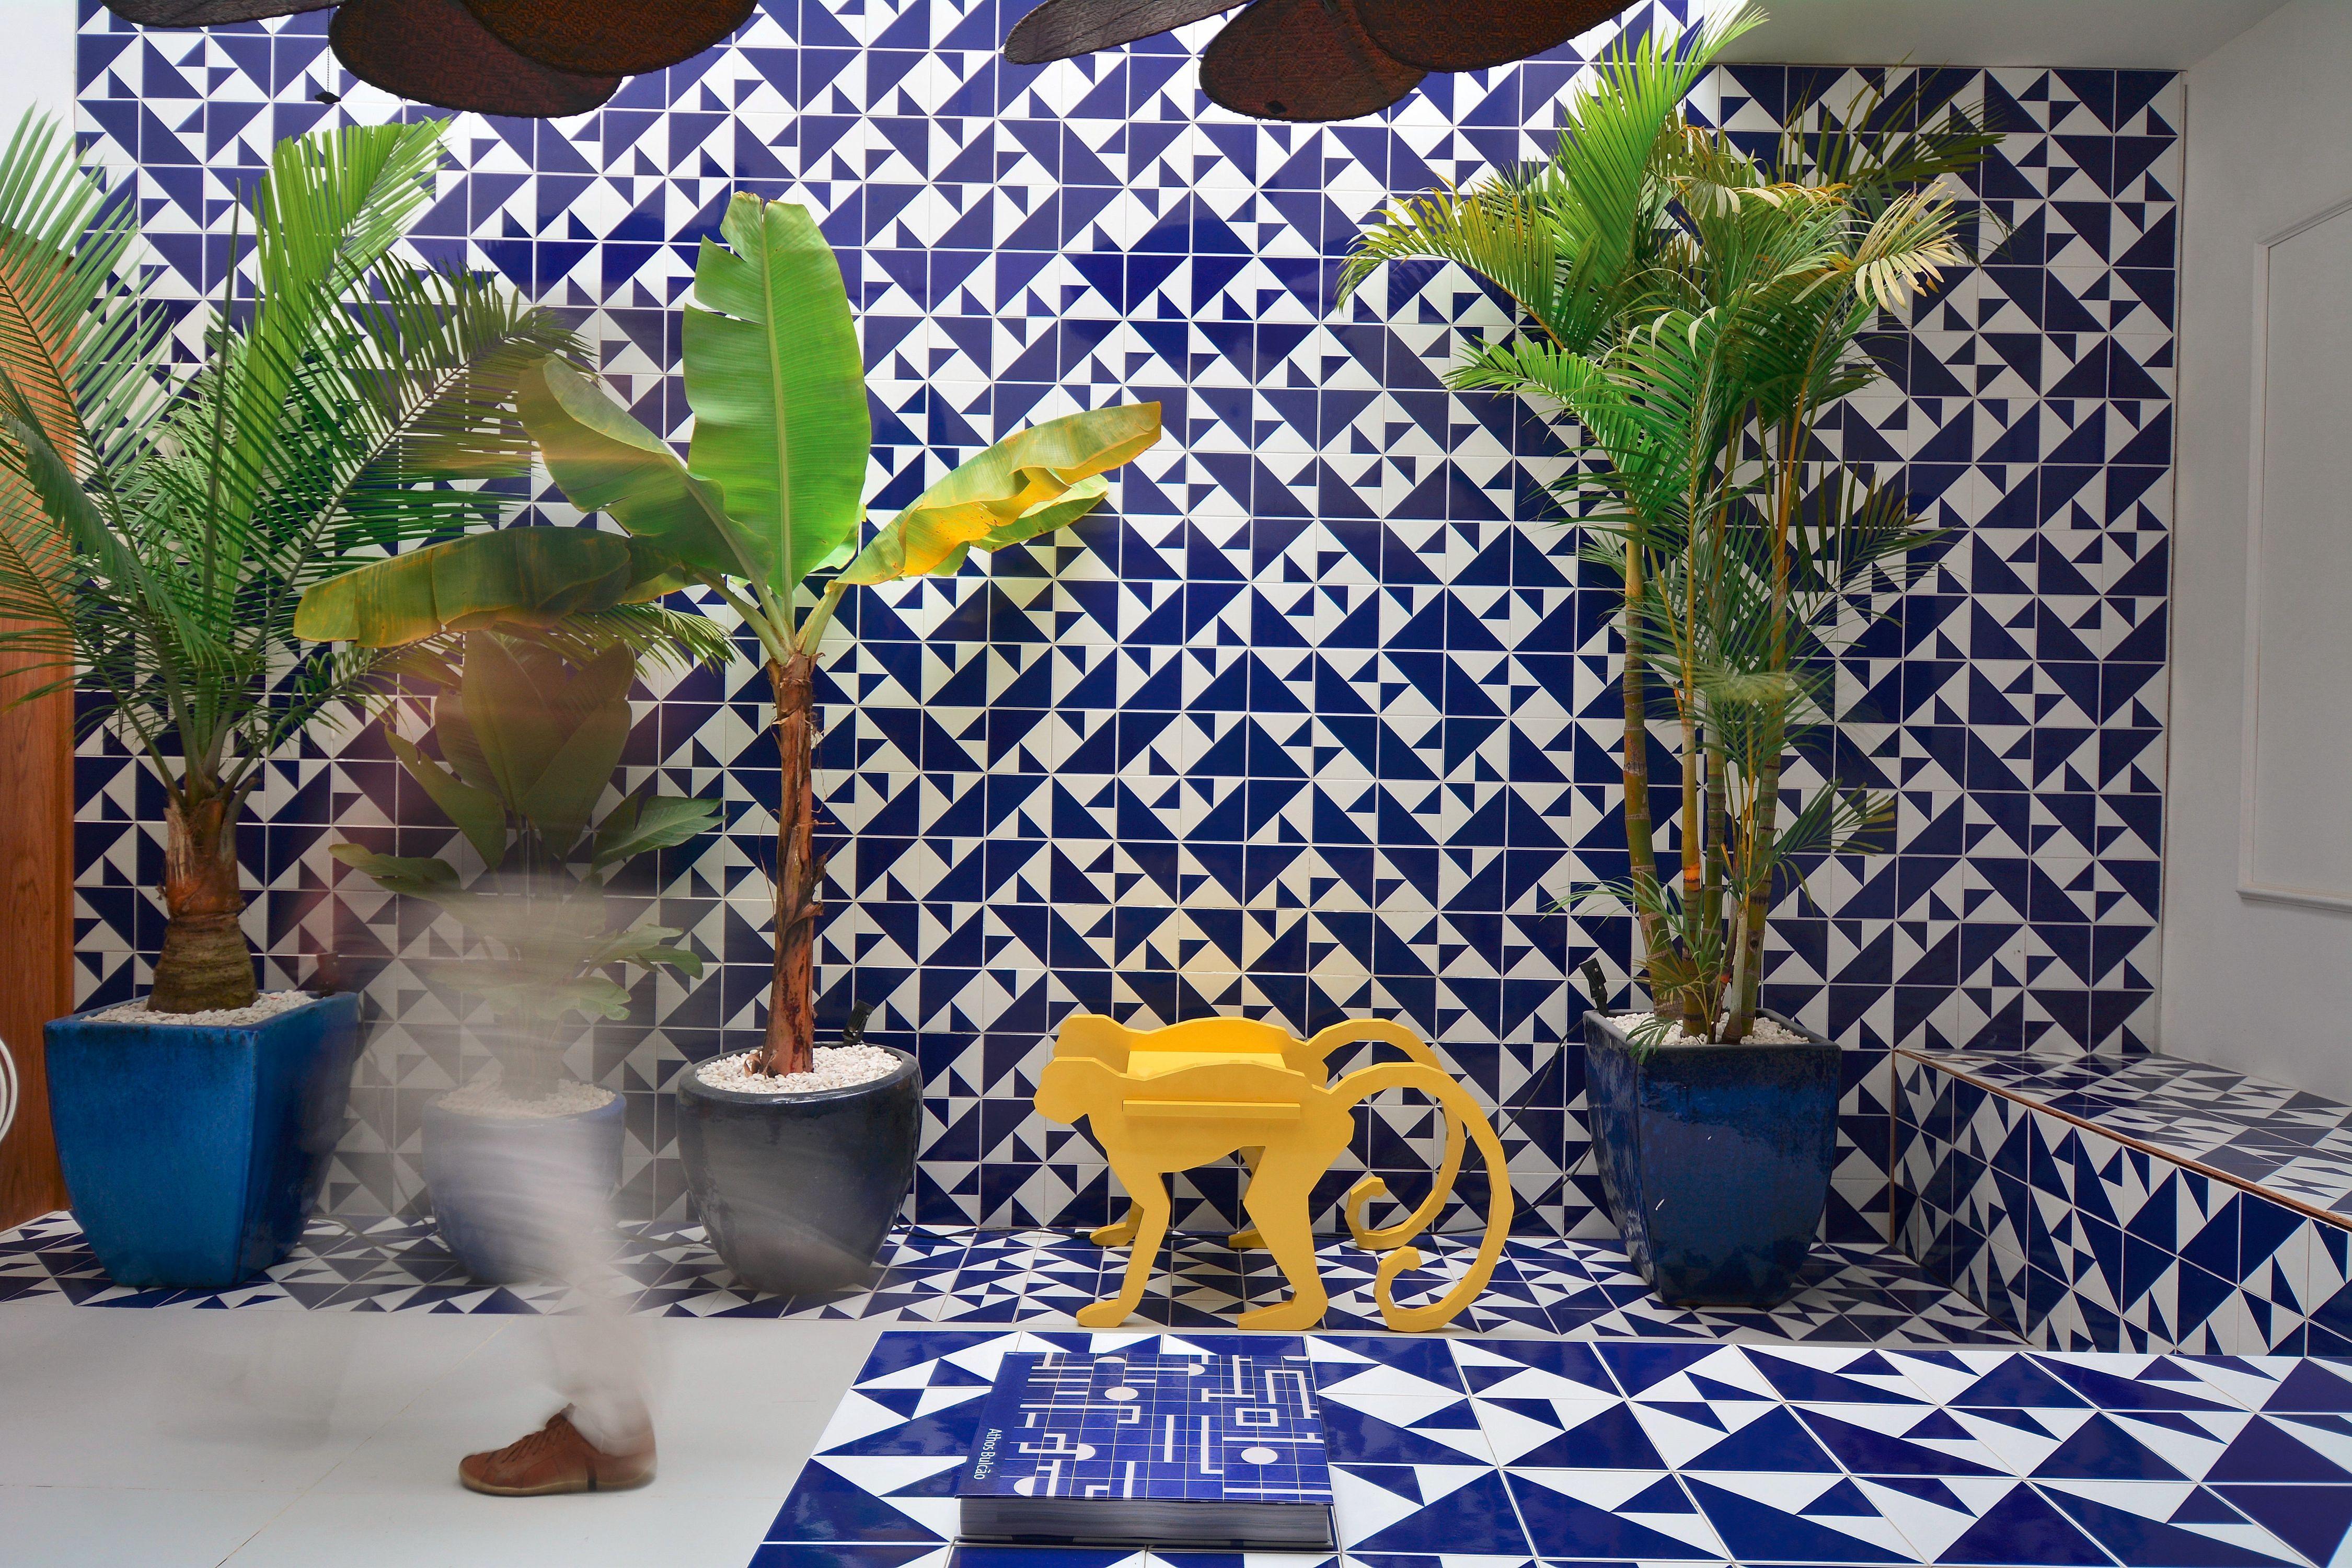 Solar Samba por Felipe Azevedo em Casa Cor Rio Grande do Sul 2015